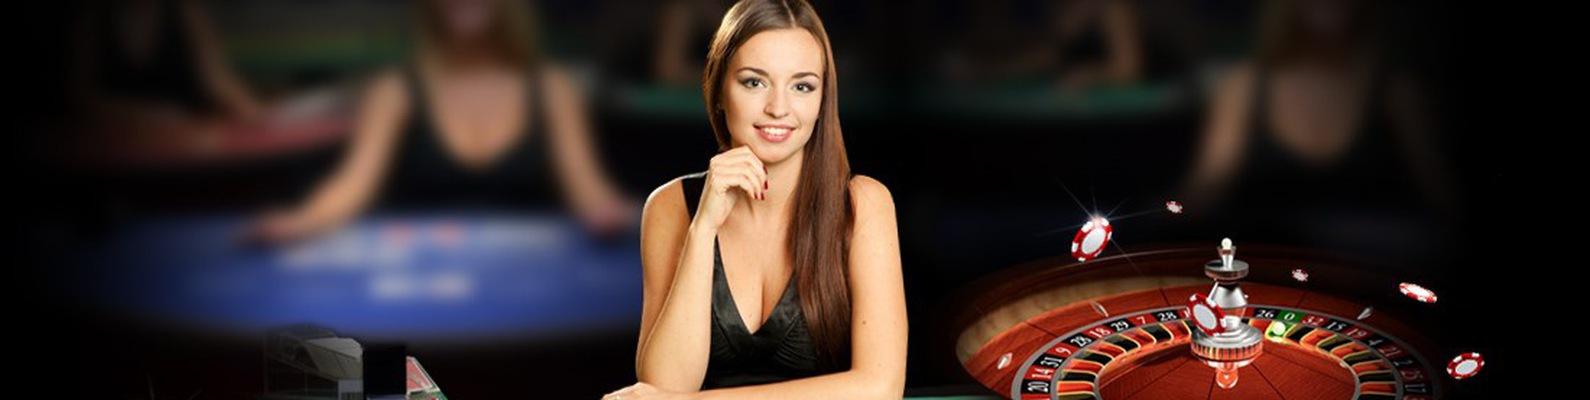 официальный сайт казино онлайн с живым крупье рубли